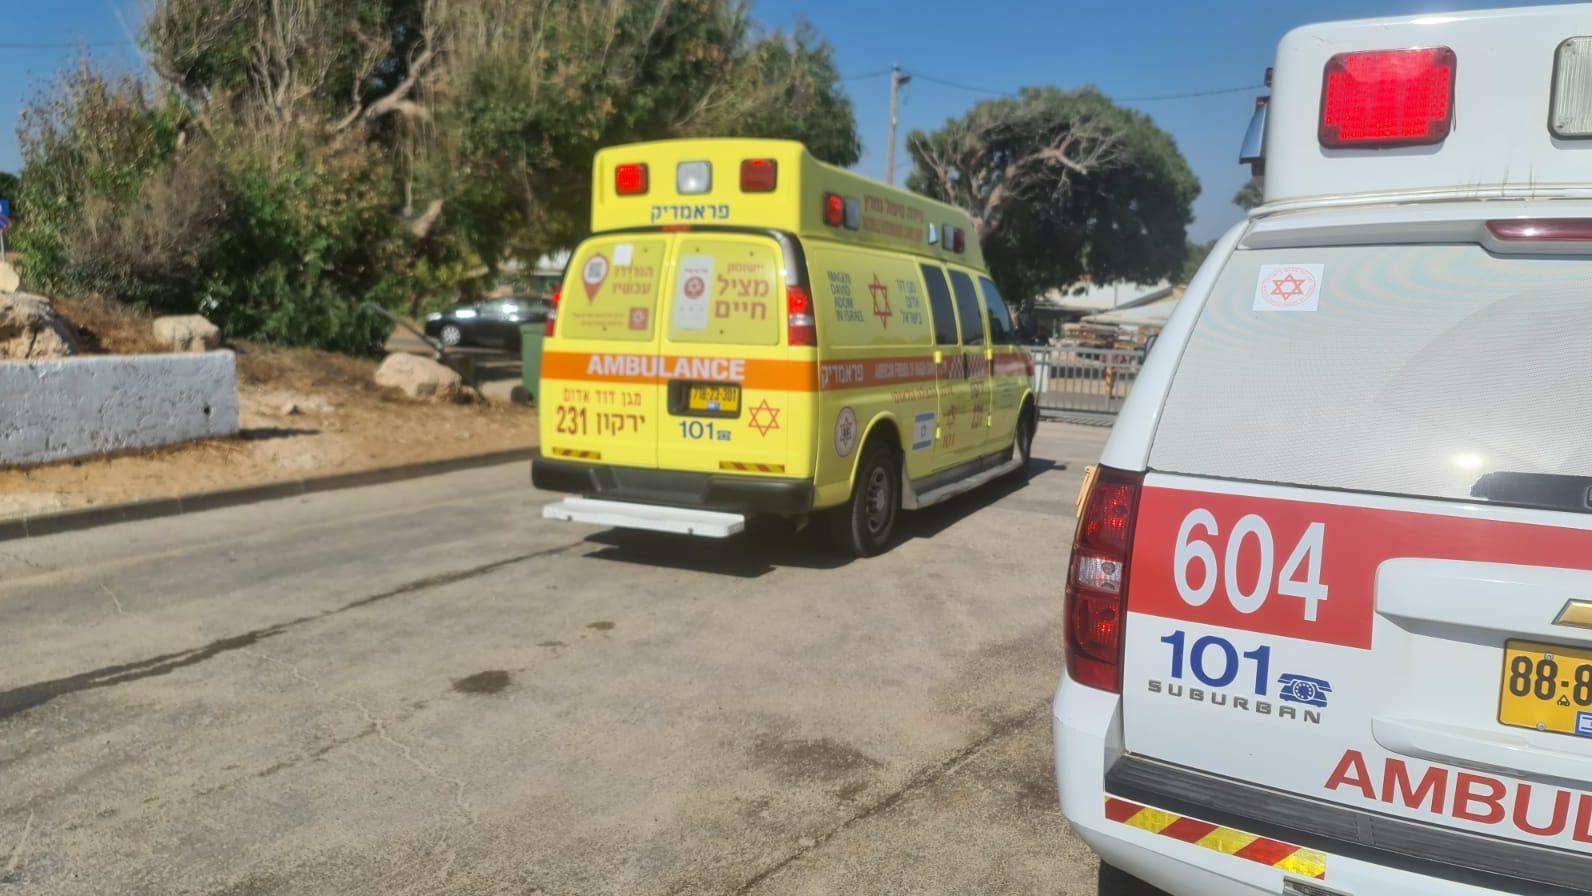 מצנח רחיפה התרסק על הסלעים בחוף הרצליה – שני פצועים פונו לביה